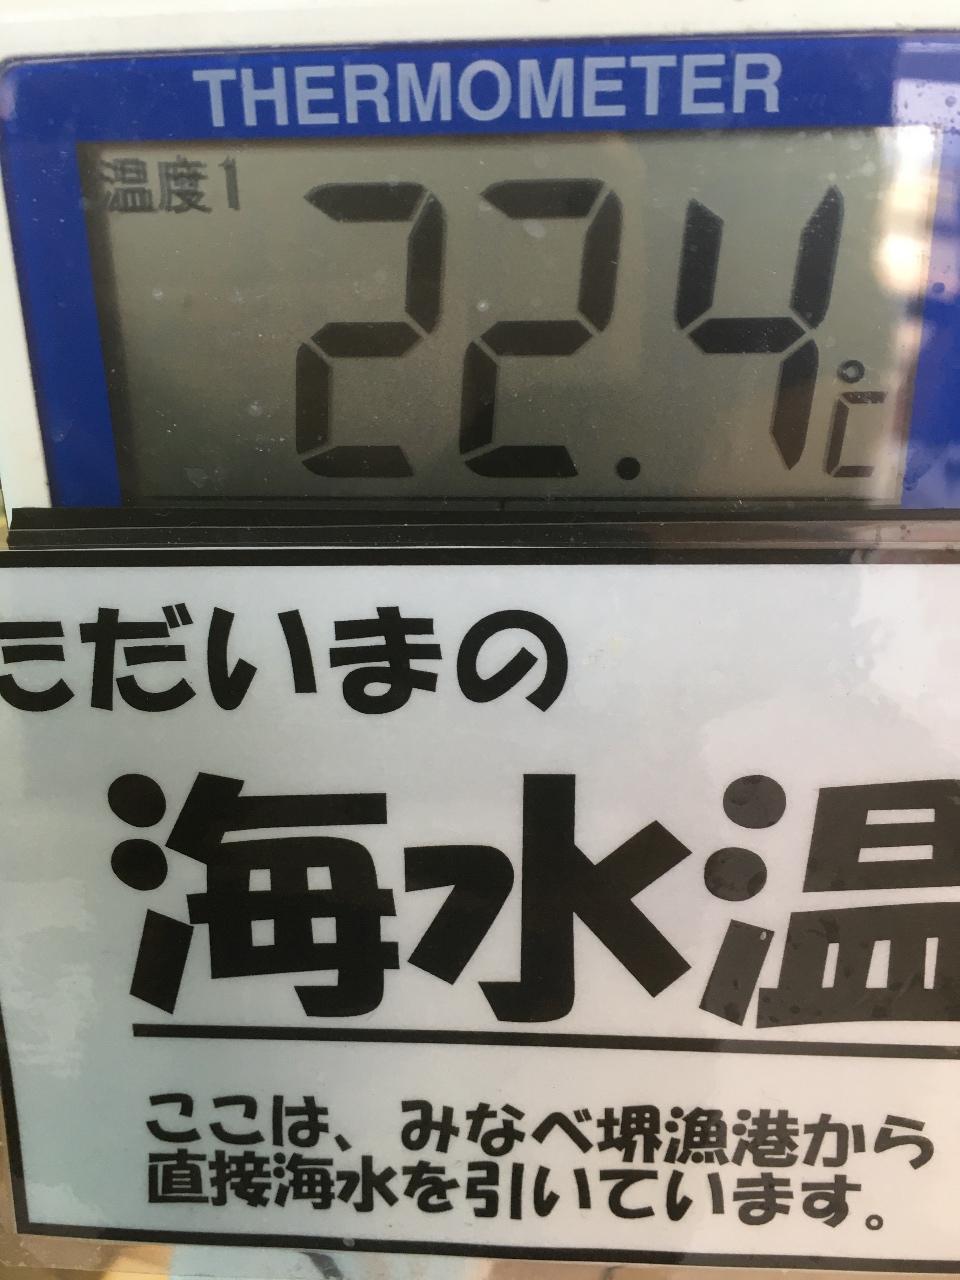 6/8みなべ水温22度を超えました。